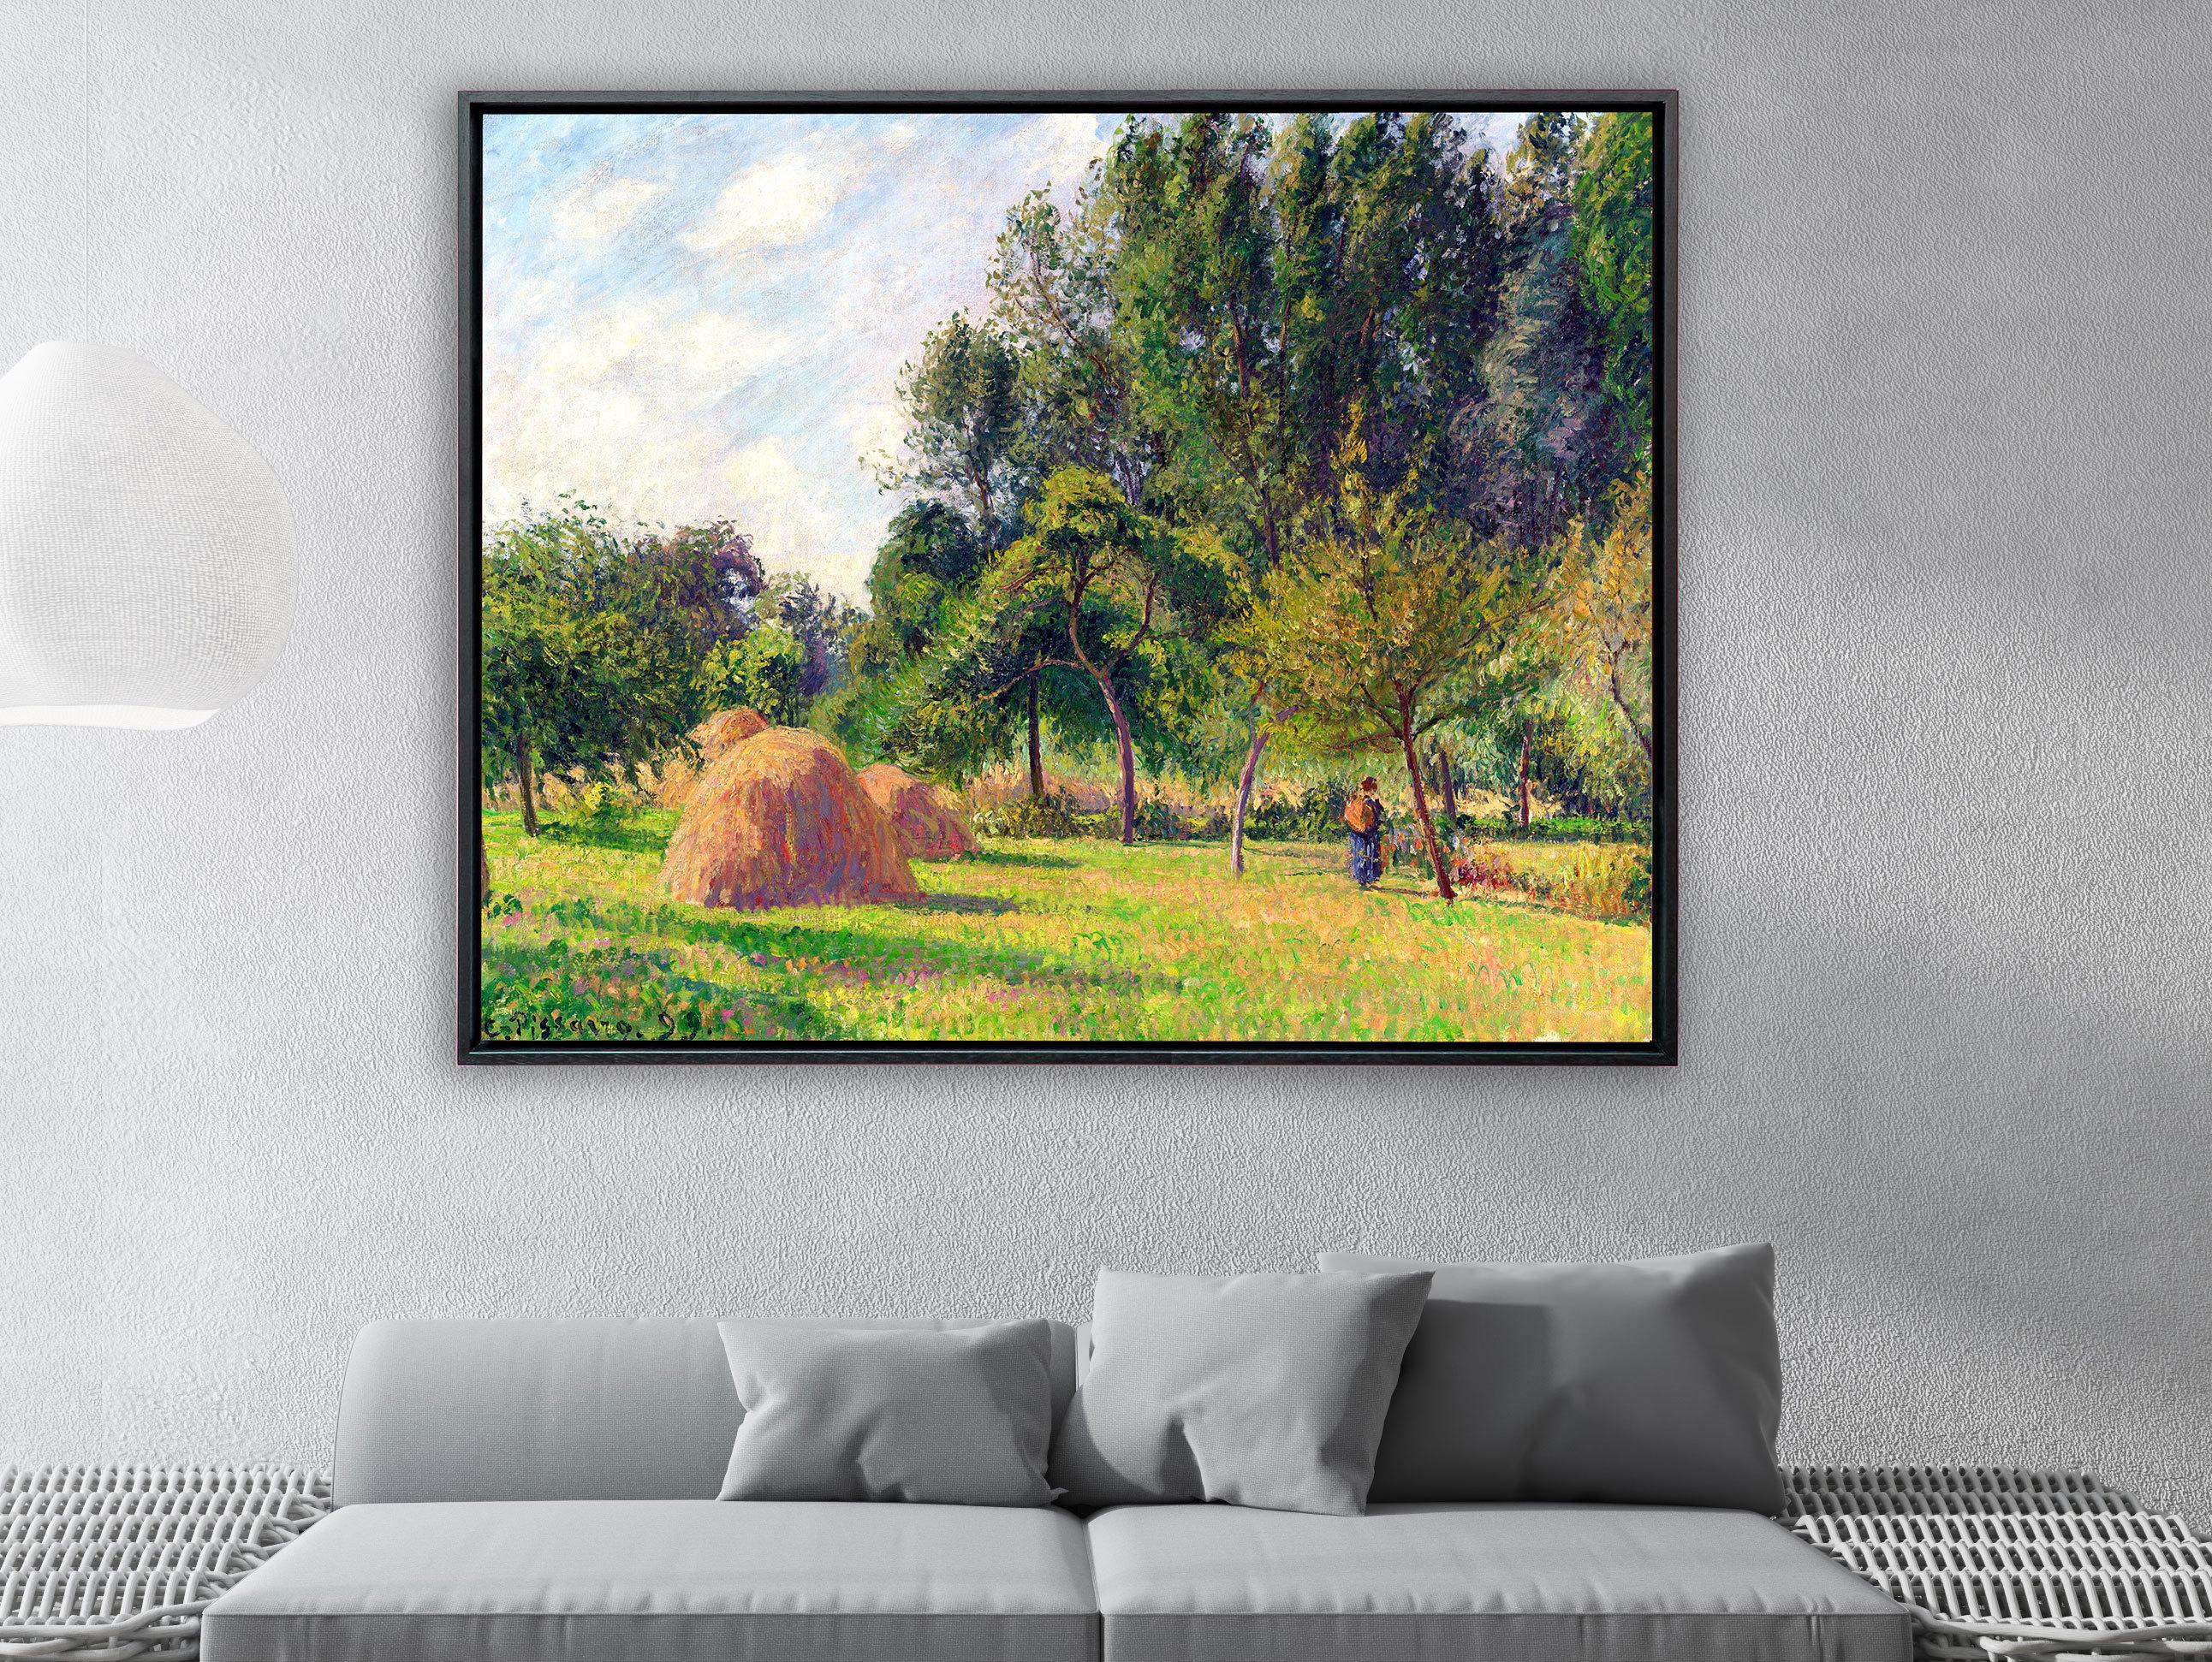 Camille Pissarro - Heuhaufen am Morgen Eragny in Frankreich, Schattenfugenrahmen schwarz